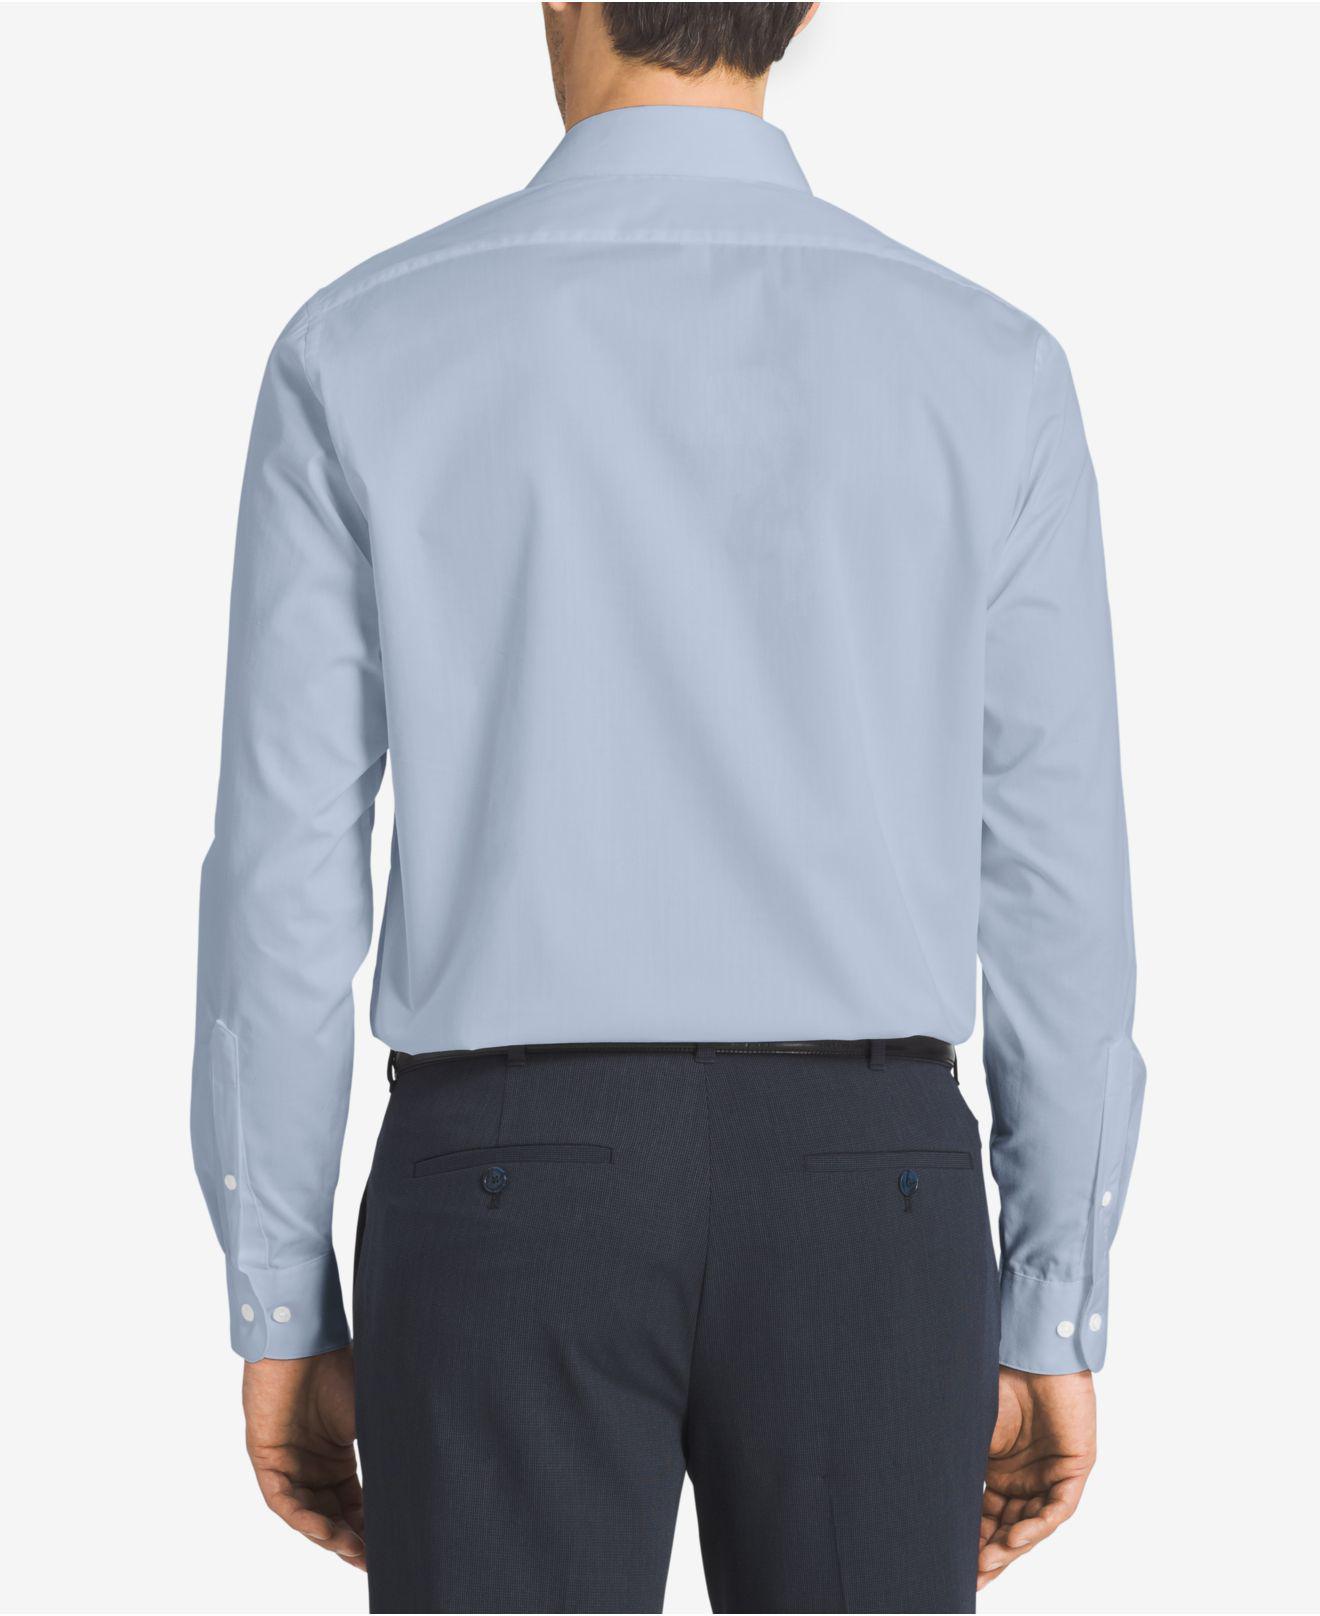 8a0432de140a Van Heusen - Blue Big And Tall Solid Herringbone Dress Shirt for Men -  Lyst. View fullscreen